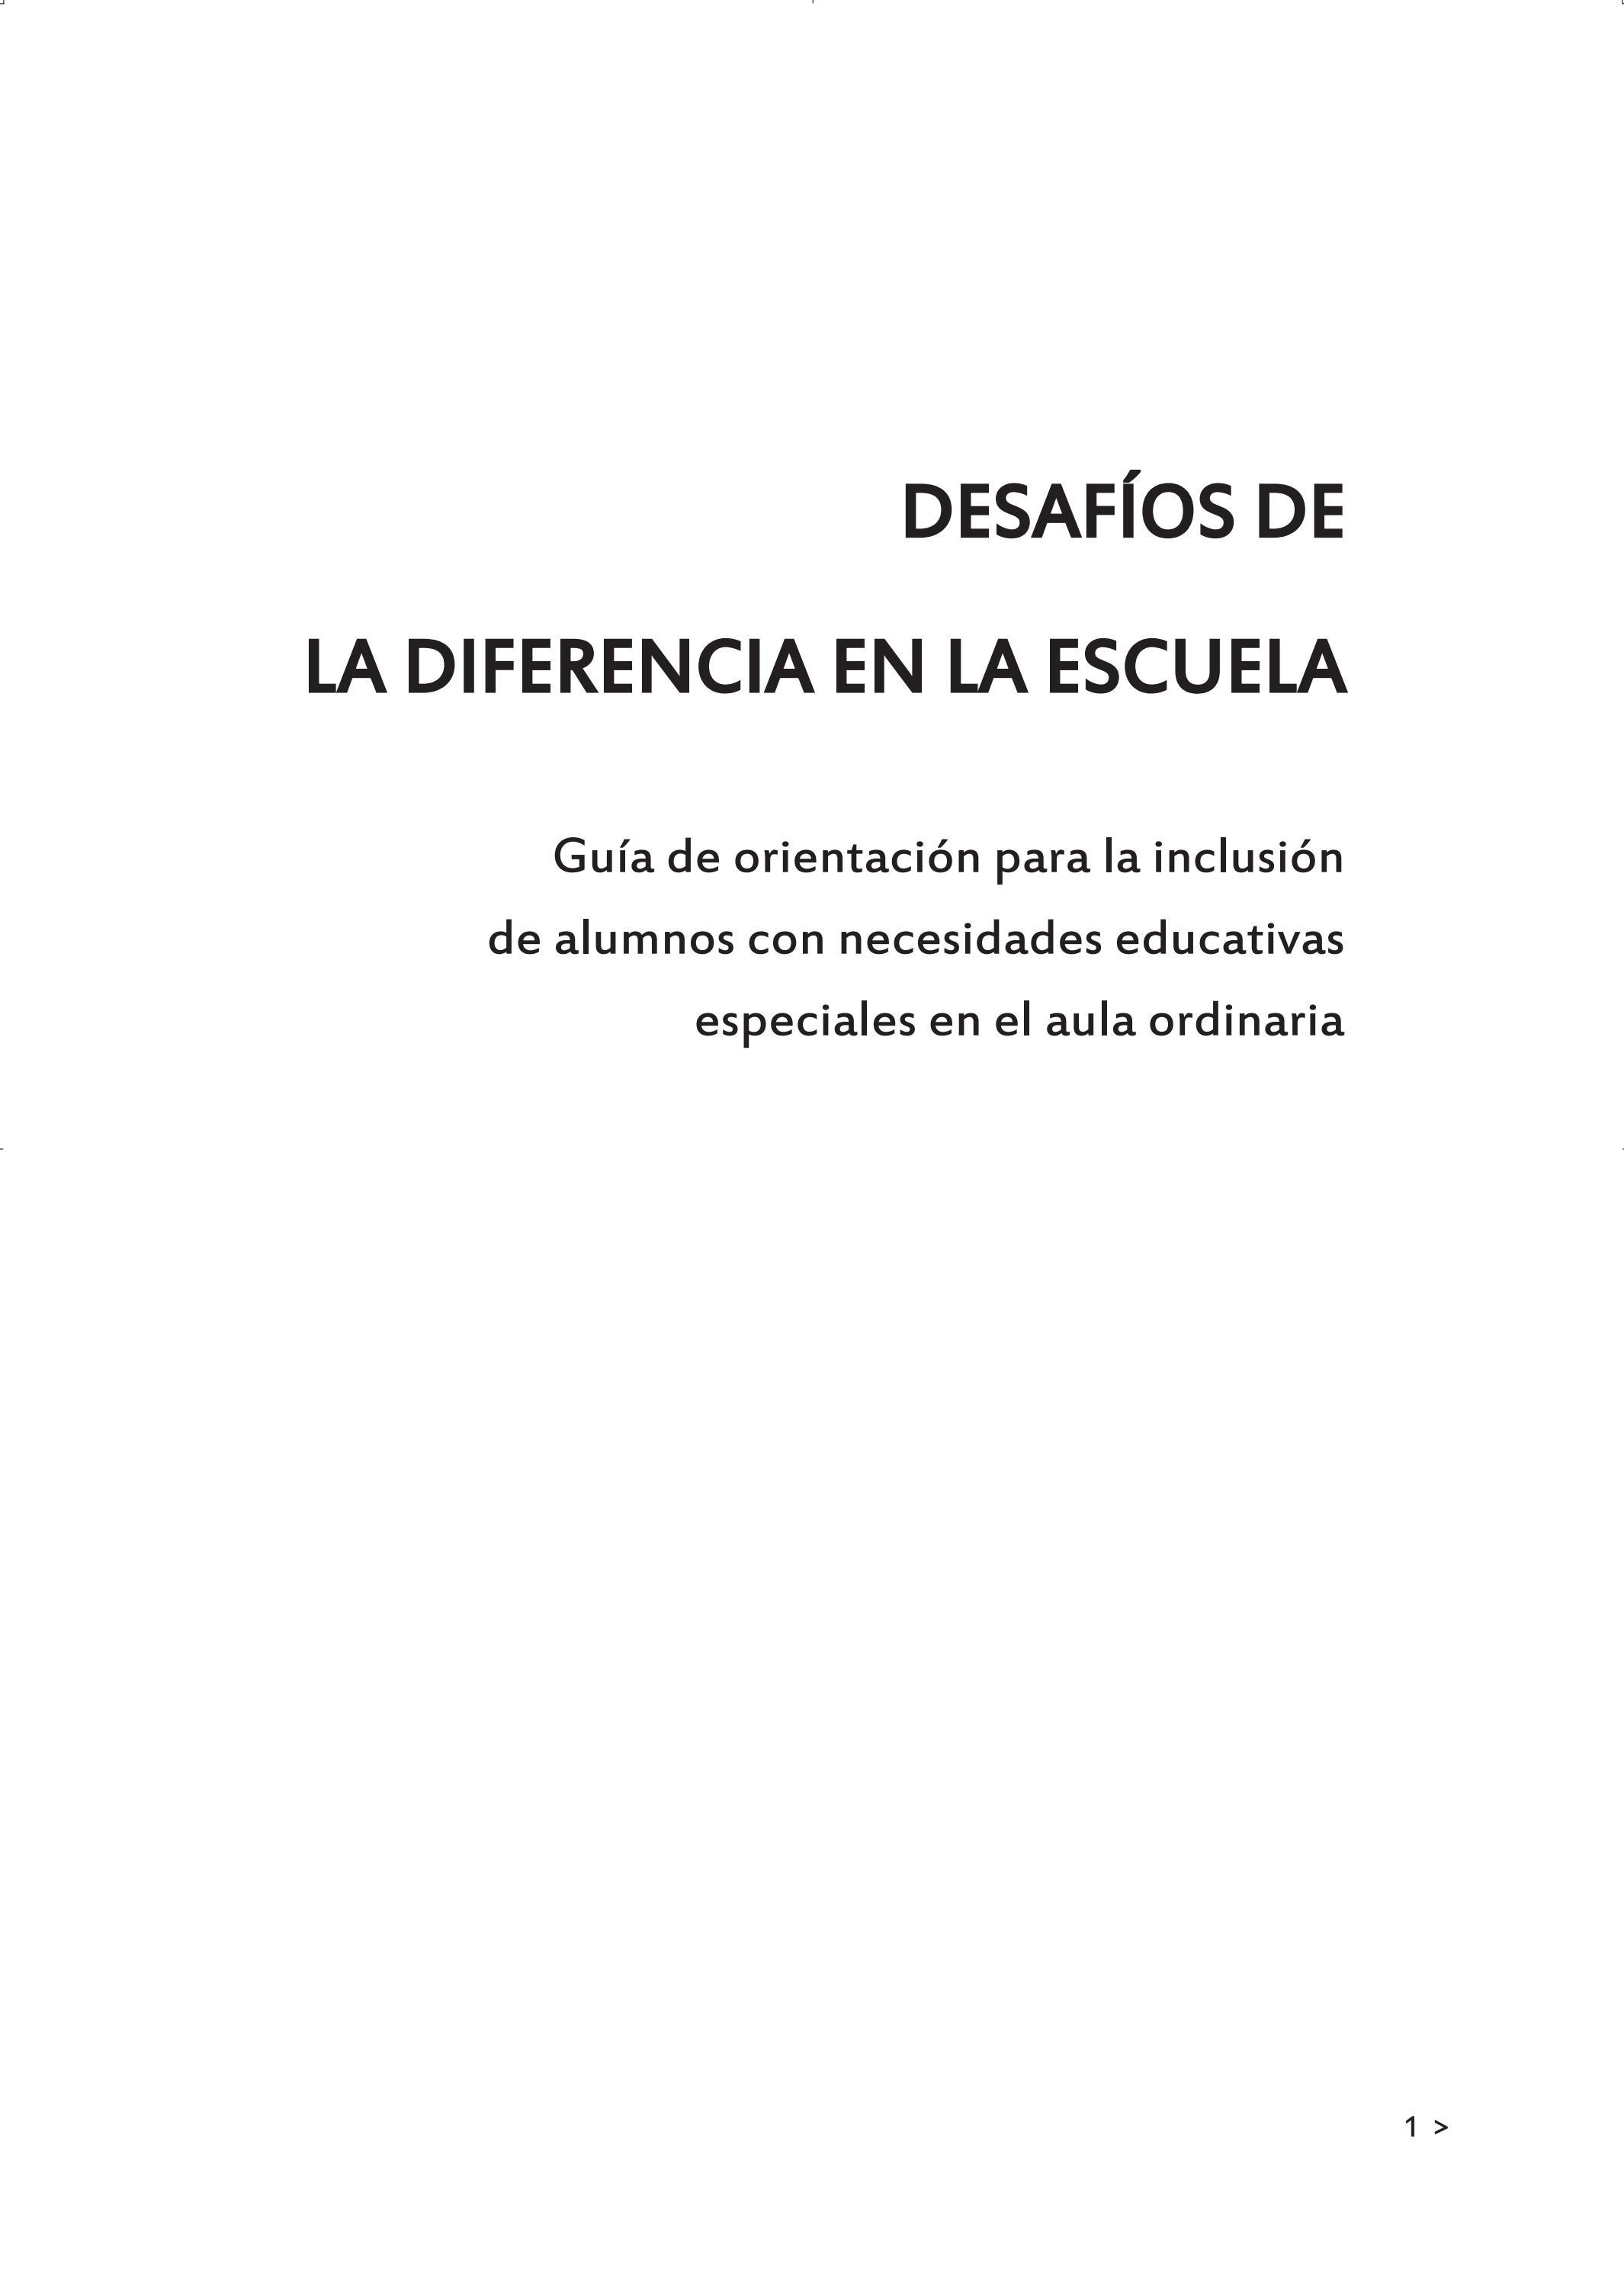 DESAFIOS DE LA DIFERENCIA EN LA ESCUELA by Escuelas Católicas - issuu